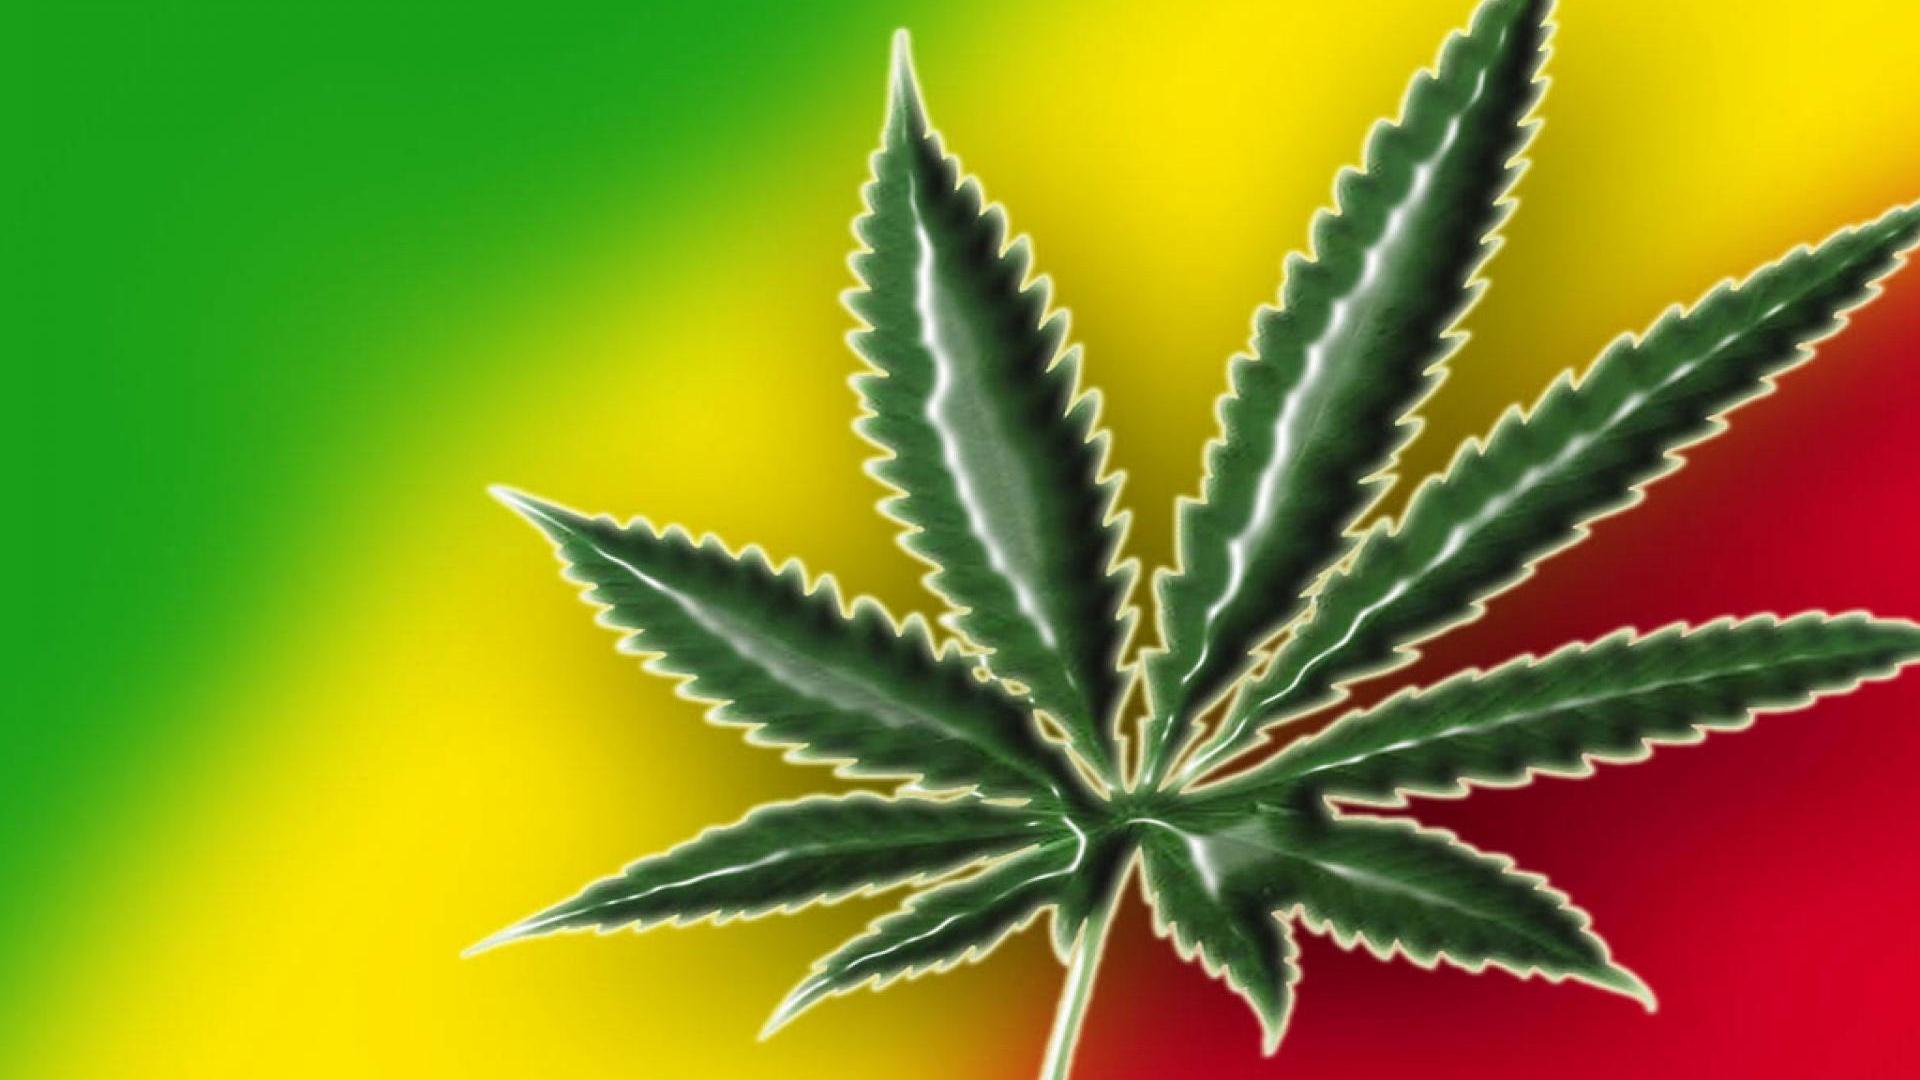 З марихуана картинки растение конопля мужское